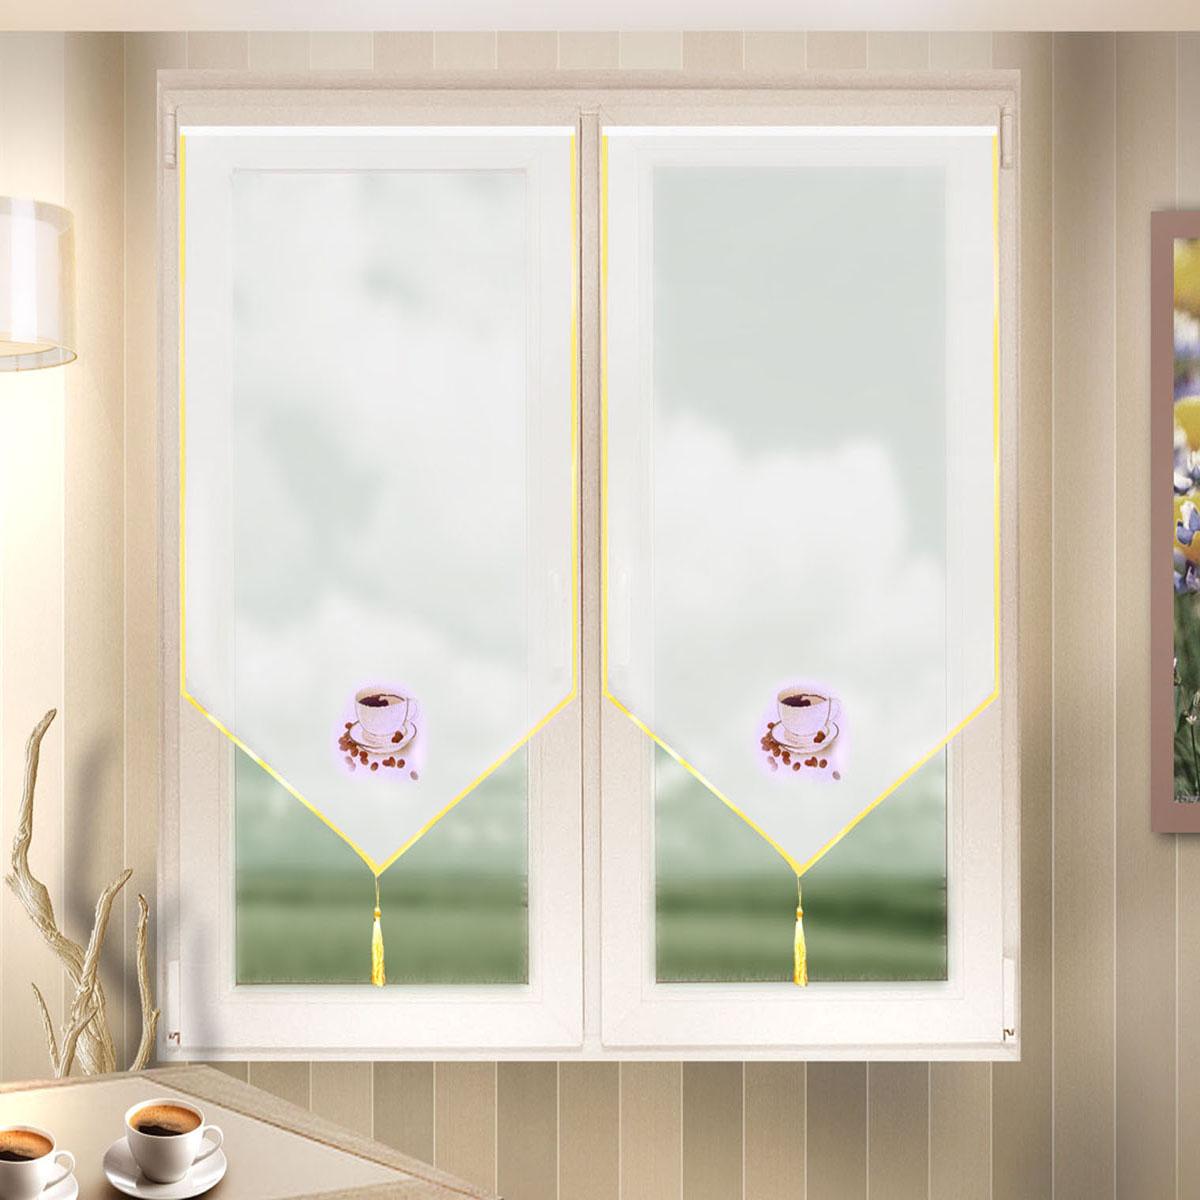 Гардина Zlata Korunka, цвет: белый, ширина 60 см, высота 140 см. 666023666023Лучшая альтернатива рулонным шторам на кухне – шторы на липкой ленте. Особенность этих штор заключается в том, что они имеют липкую основу в месте крепления . Лента или основа надежно и быстро крепится на раму окна, а на нее фиксируется сама штора. Размеры: ширина 60* высота 140